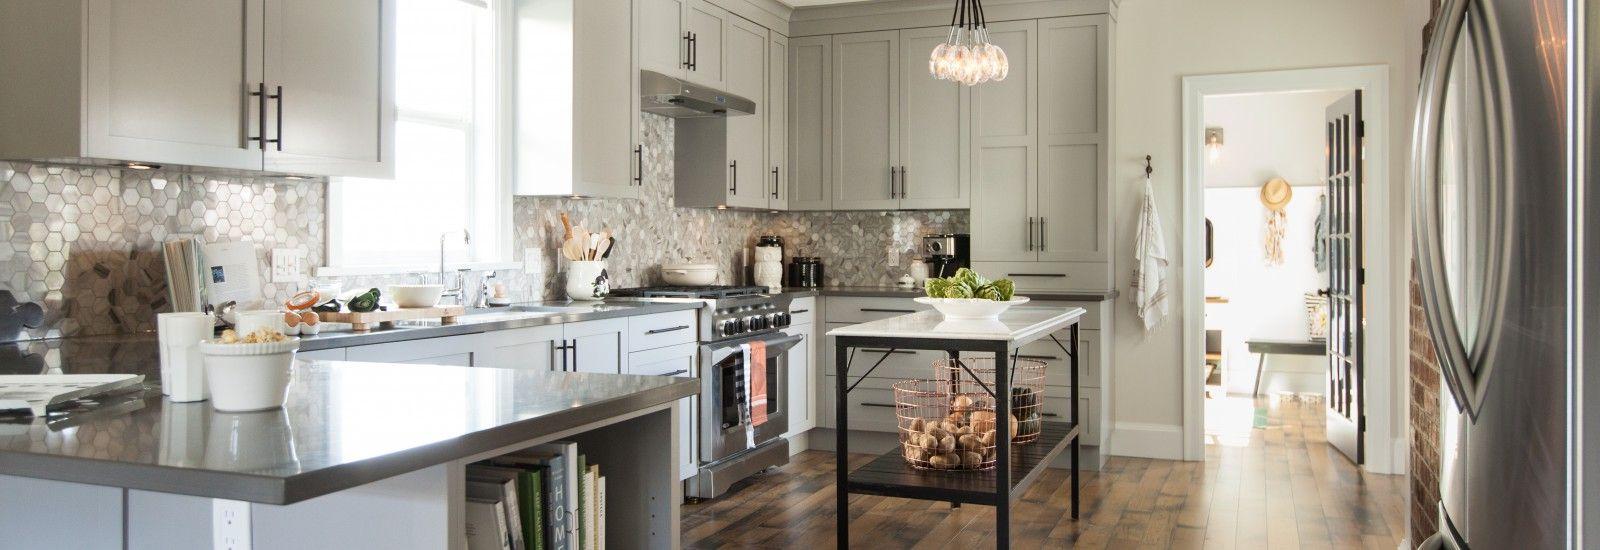 Free estimate kitchen cabinets - Call For A Free Estimate 509 413 1244